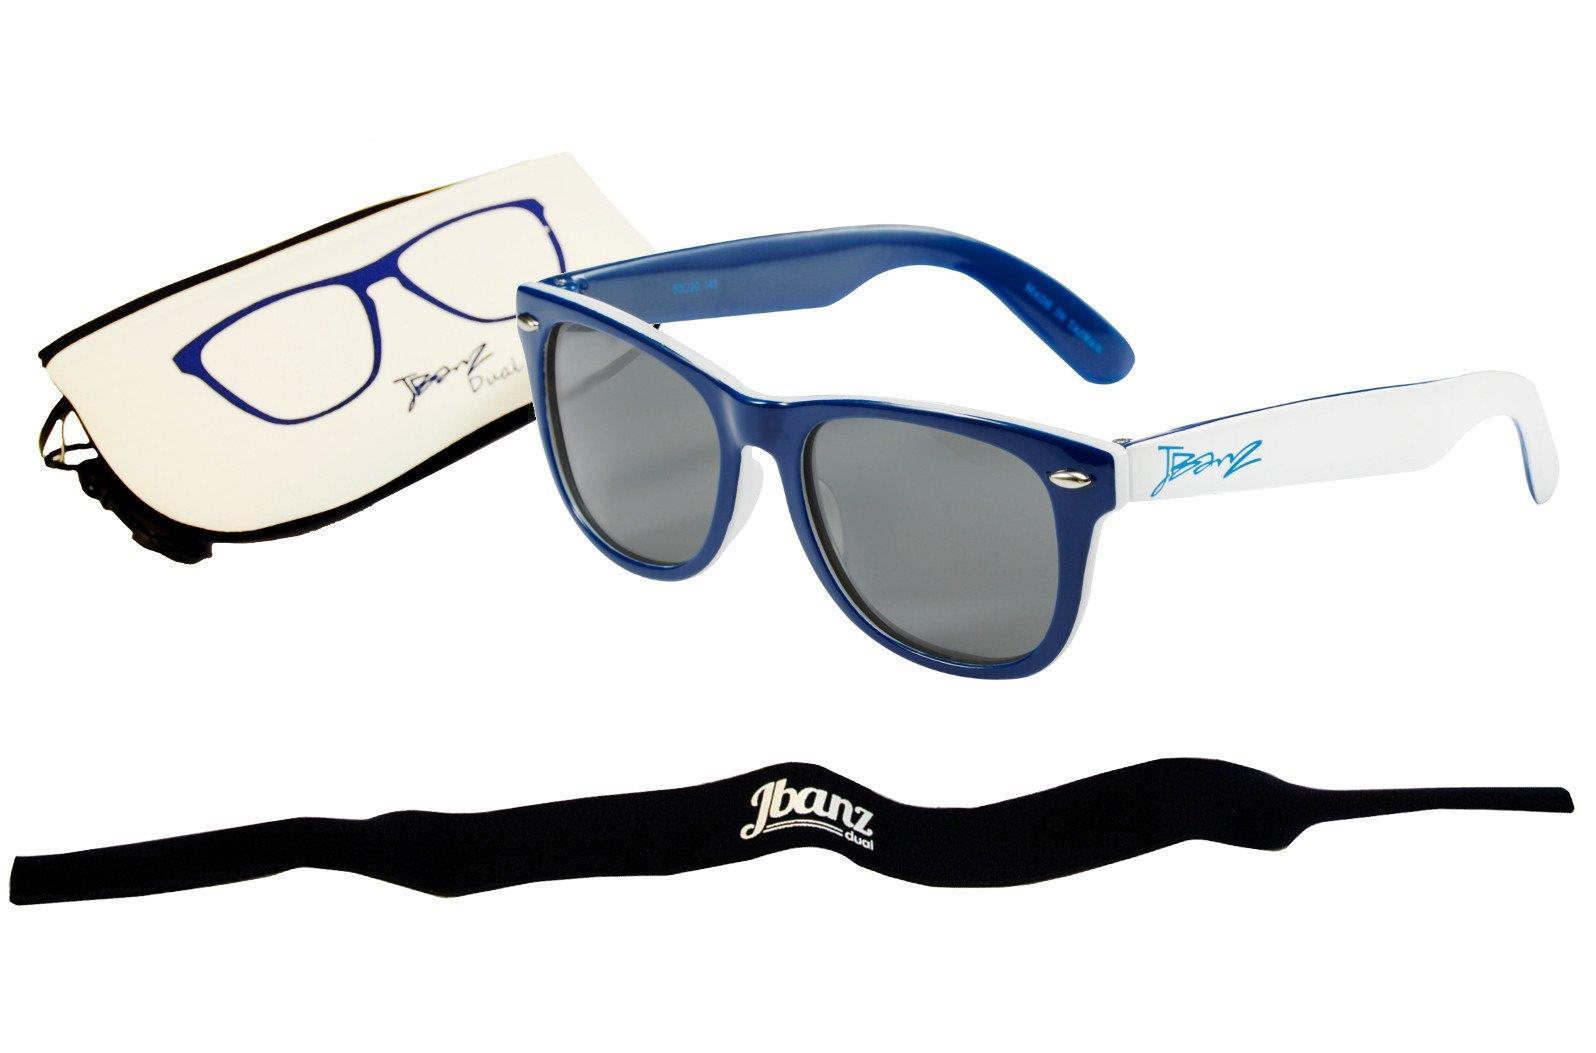 ff9a51717a3f1f Okulary przeciwsłoneczne dzieci 4-10lat UV400 BANZ Kliknij, aby powiększyć  ...